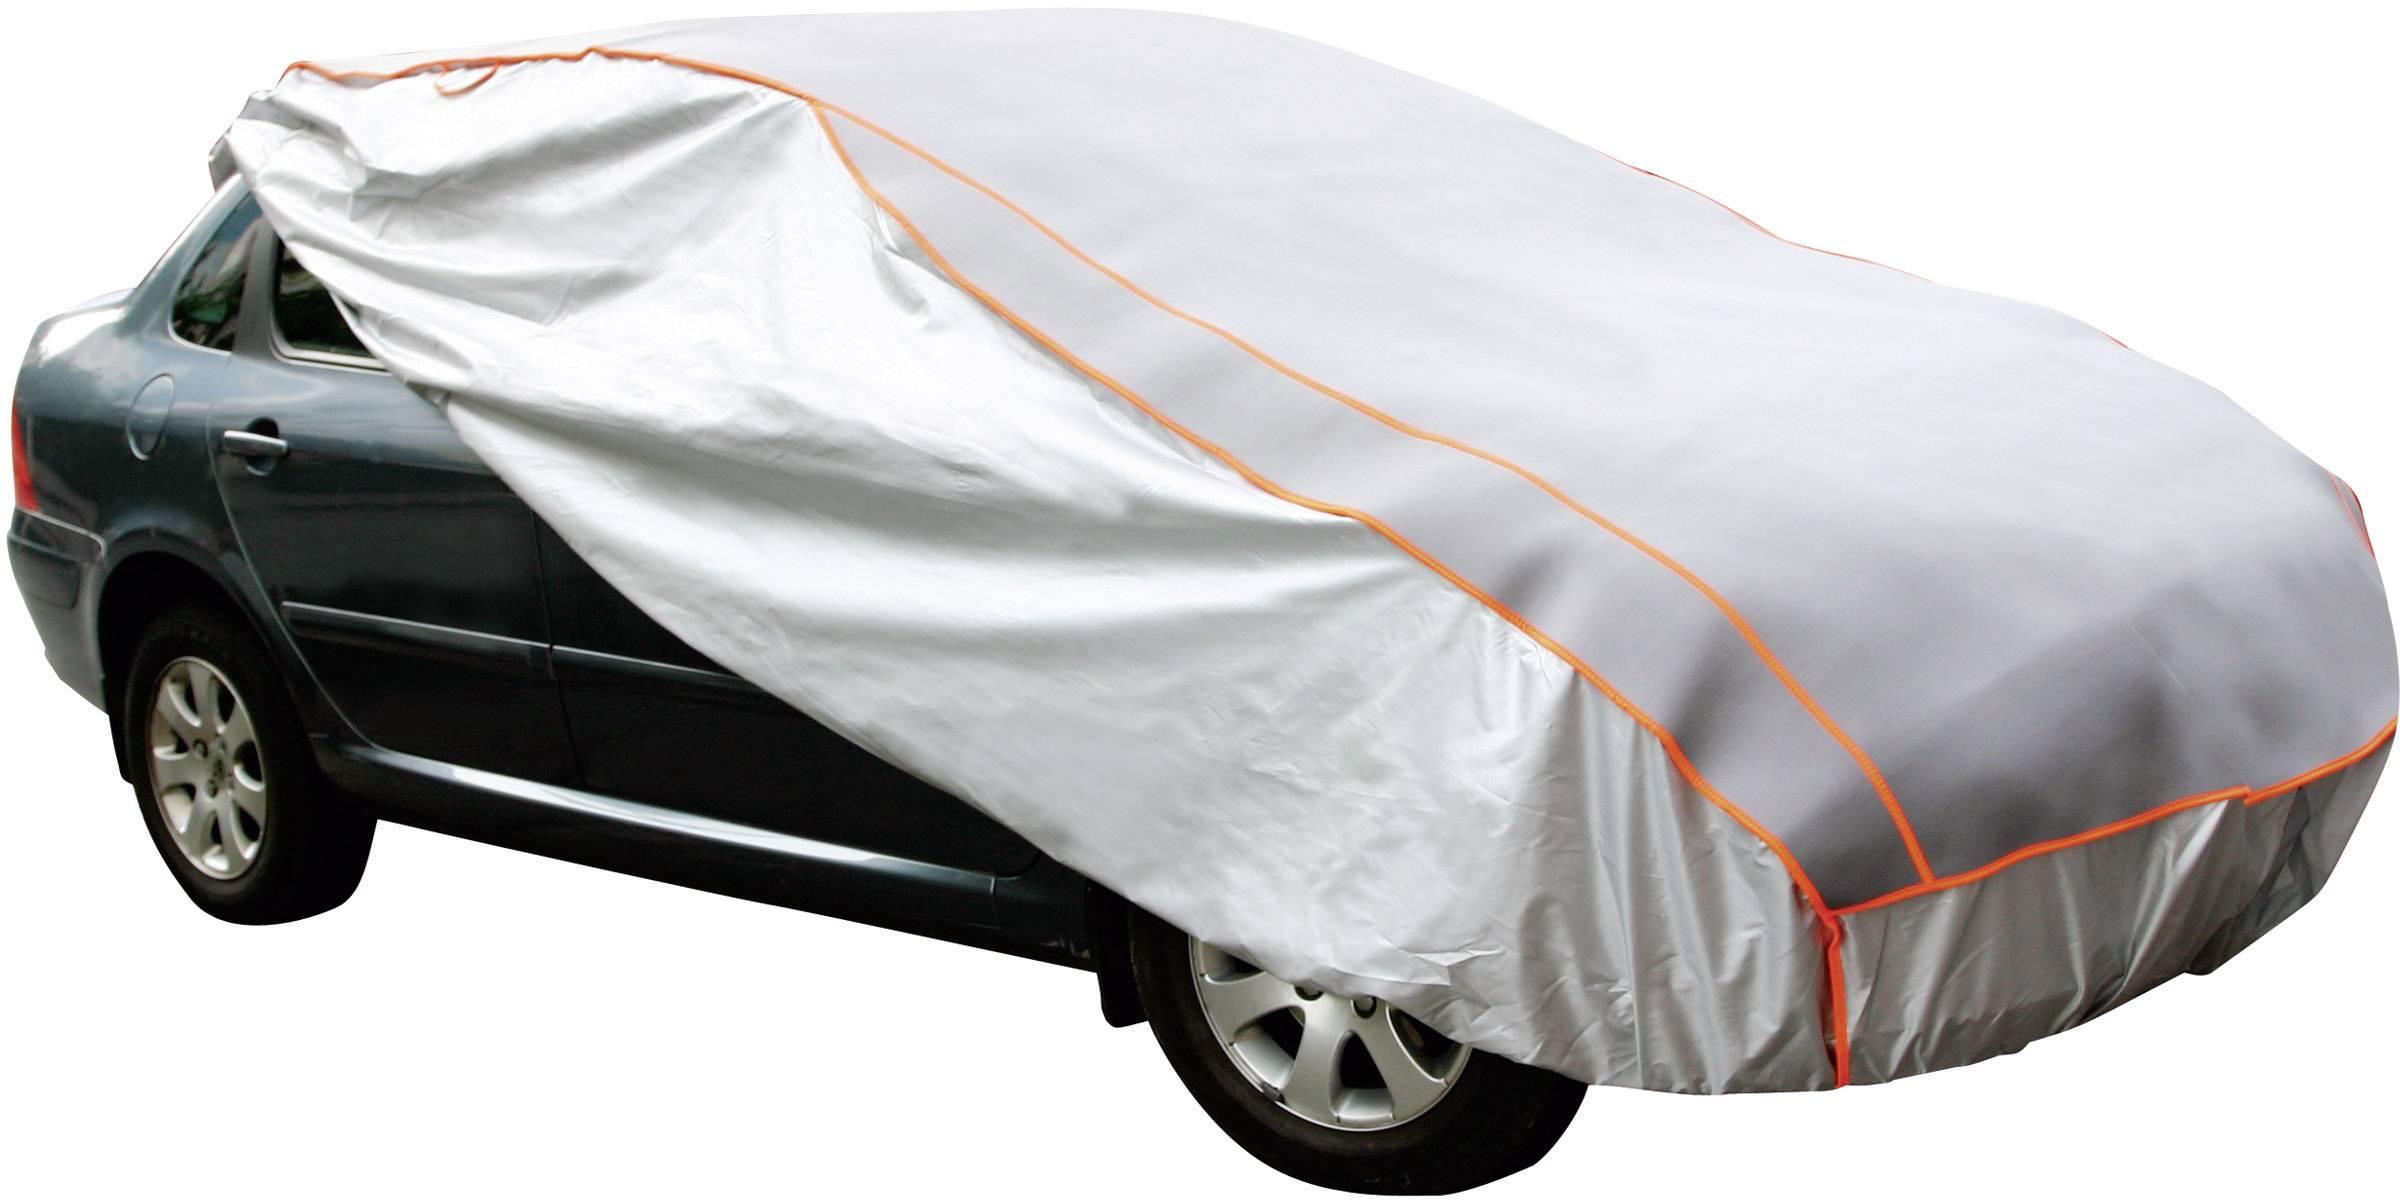 Plachta na automobil ochranná 18268 (d x š x v) 430 x 165 x 120 cm